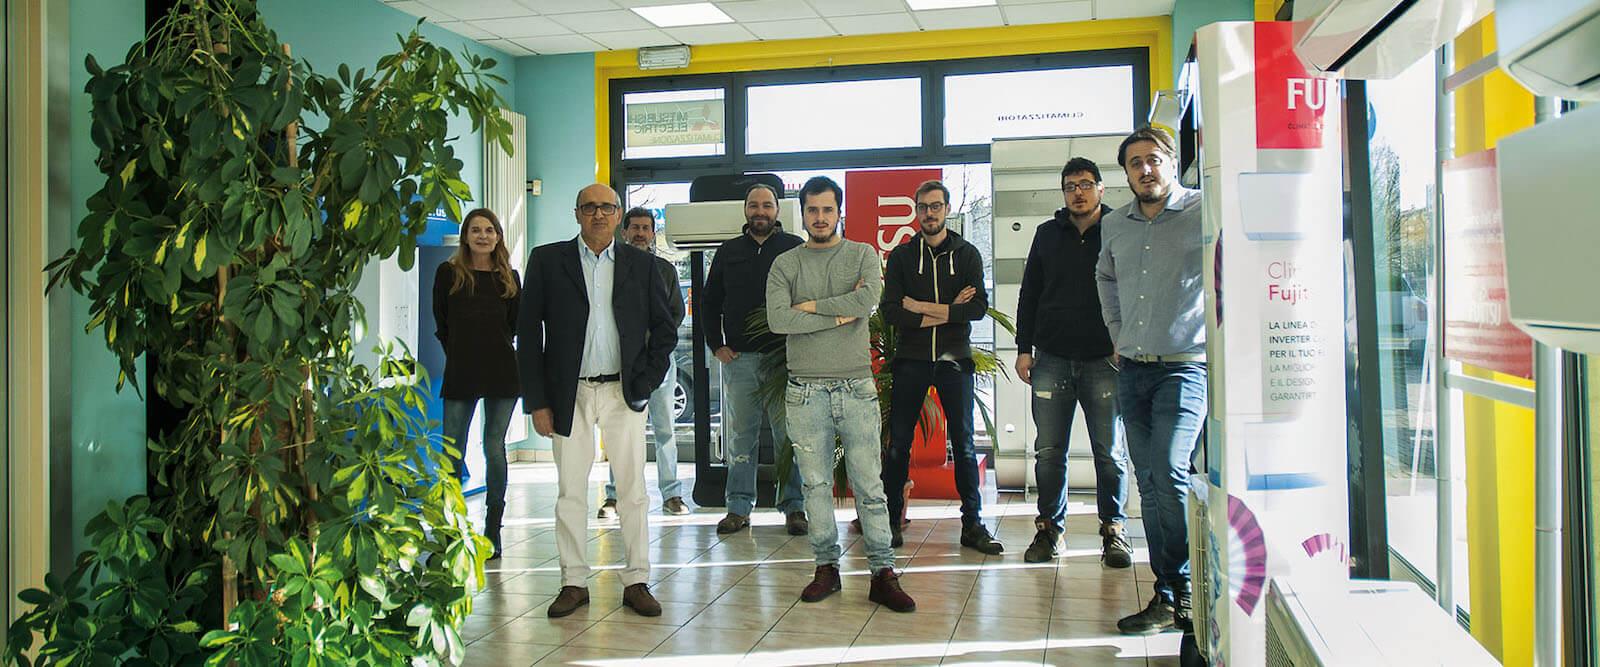 Il team di Milano condizionatori